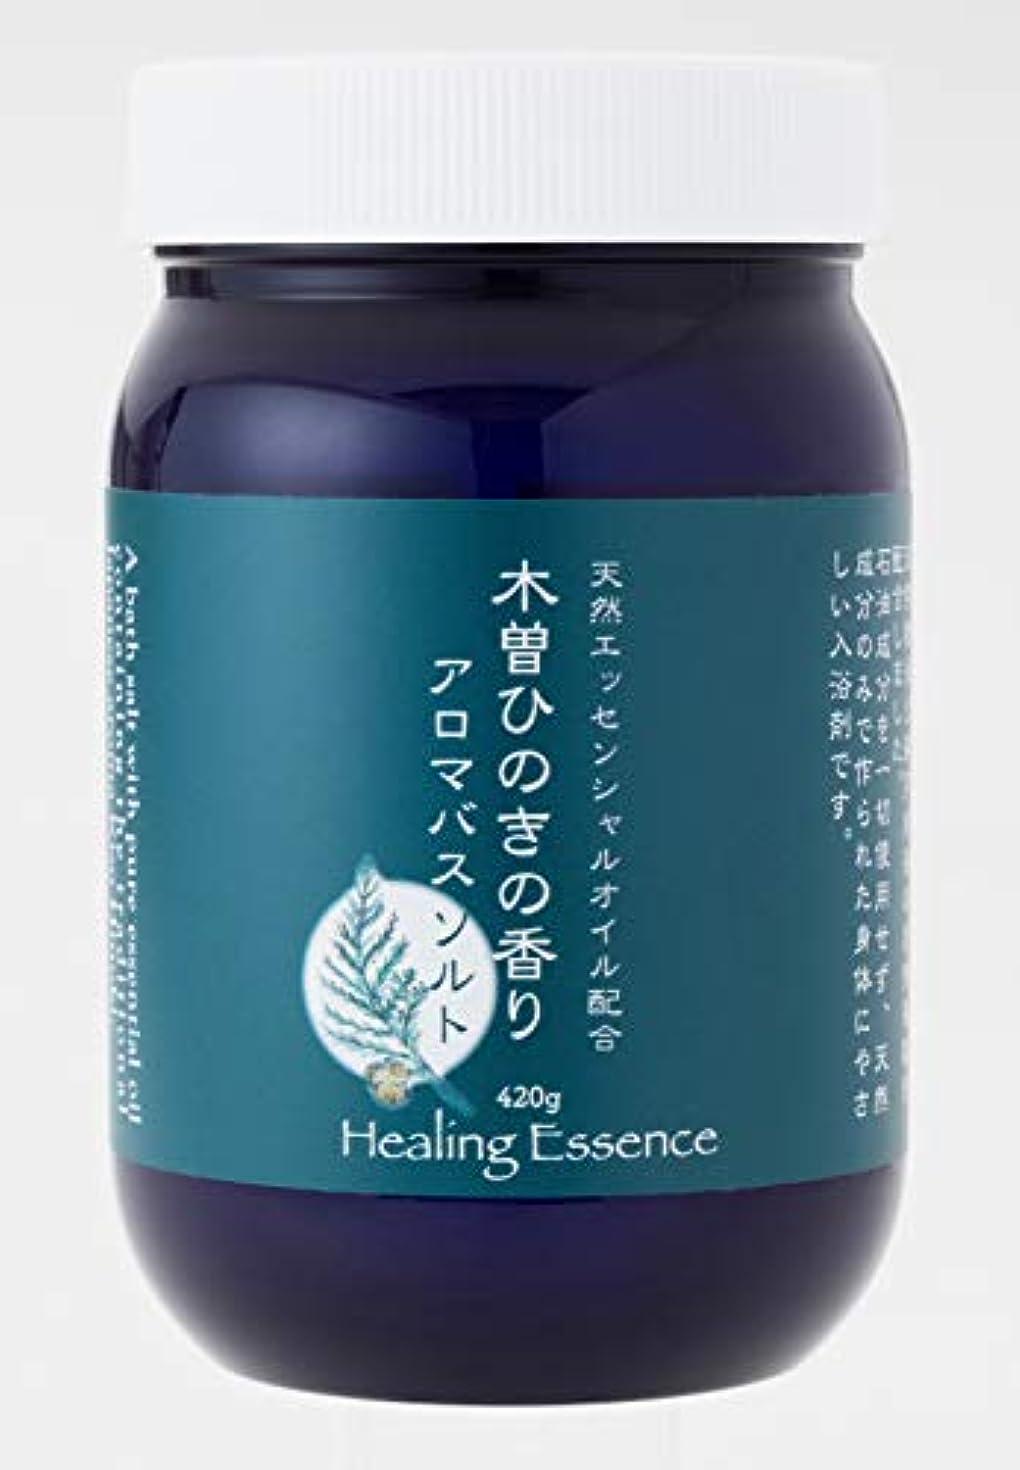 木曽ひのきの香りアロマバスソルト